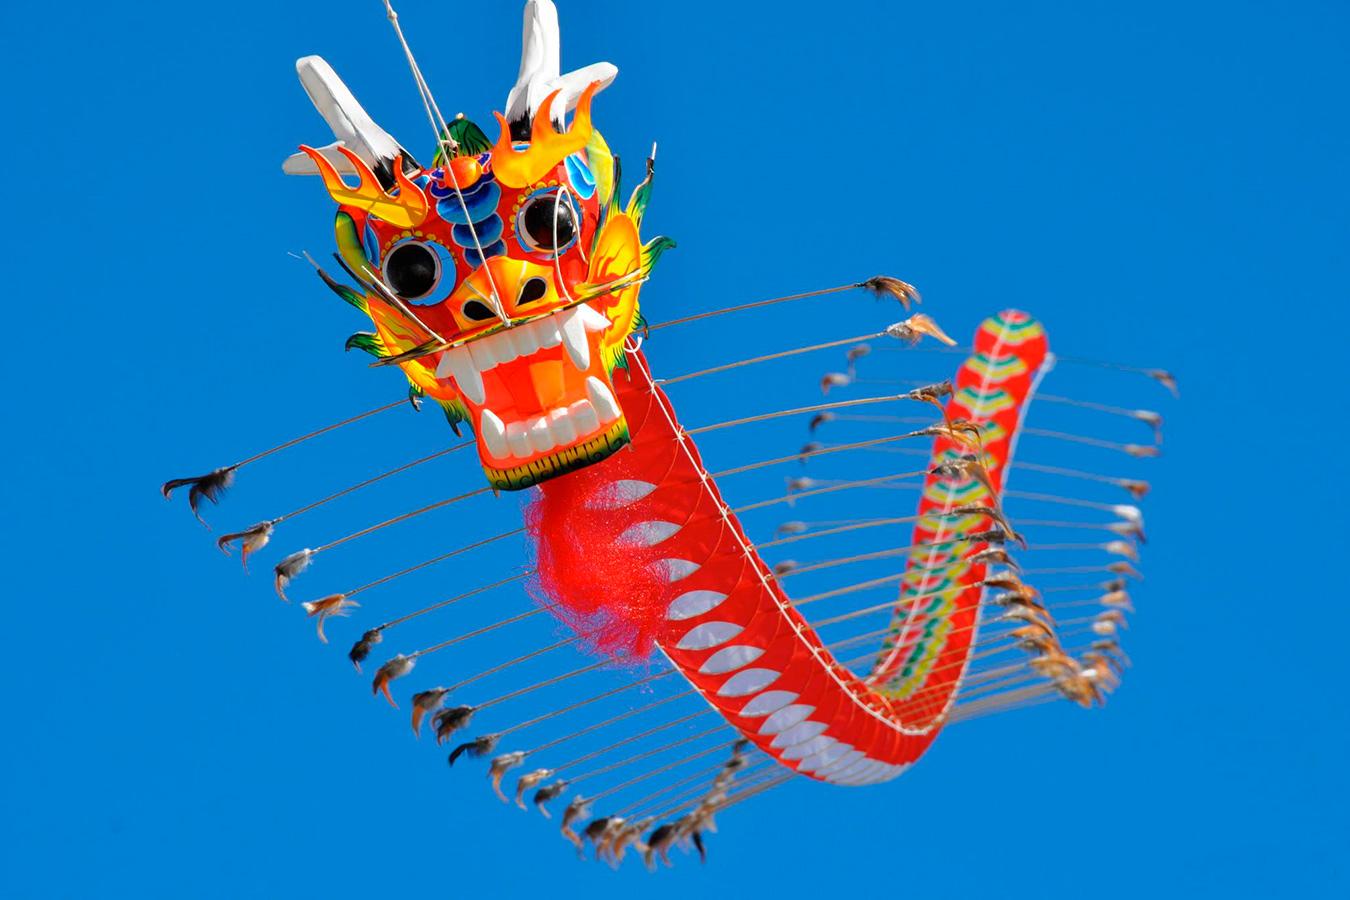 Змей воздушный Большой желтый Китайский Дракон [ZBBCD]